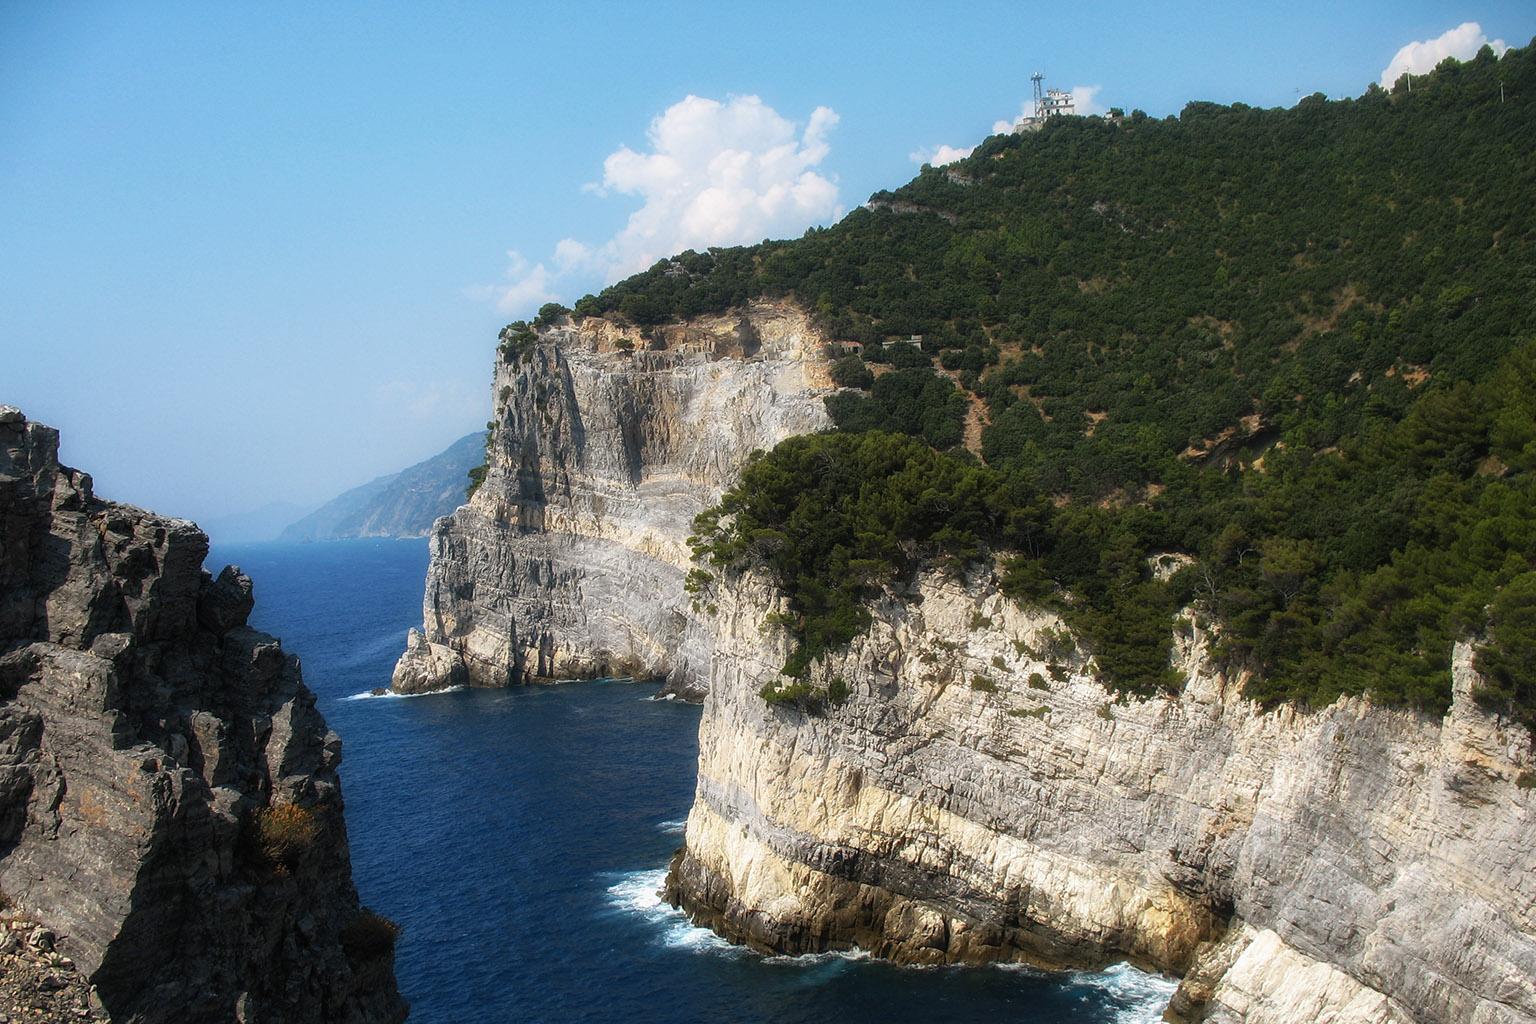 Trekking sull'isola Palmaria, fra antichi forti, scogliere e un mare da favola